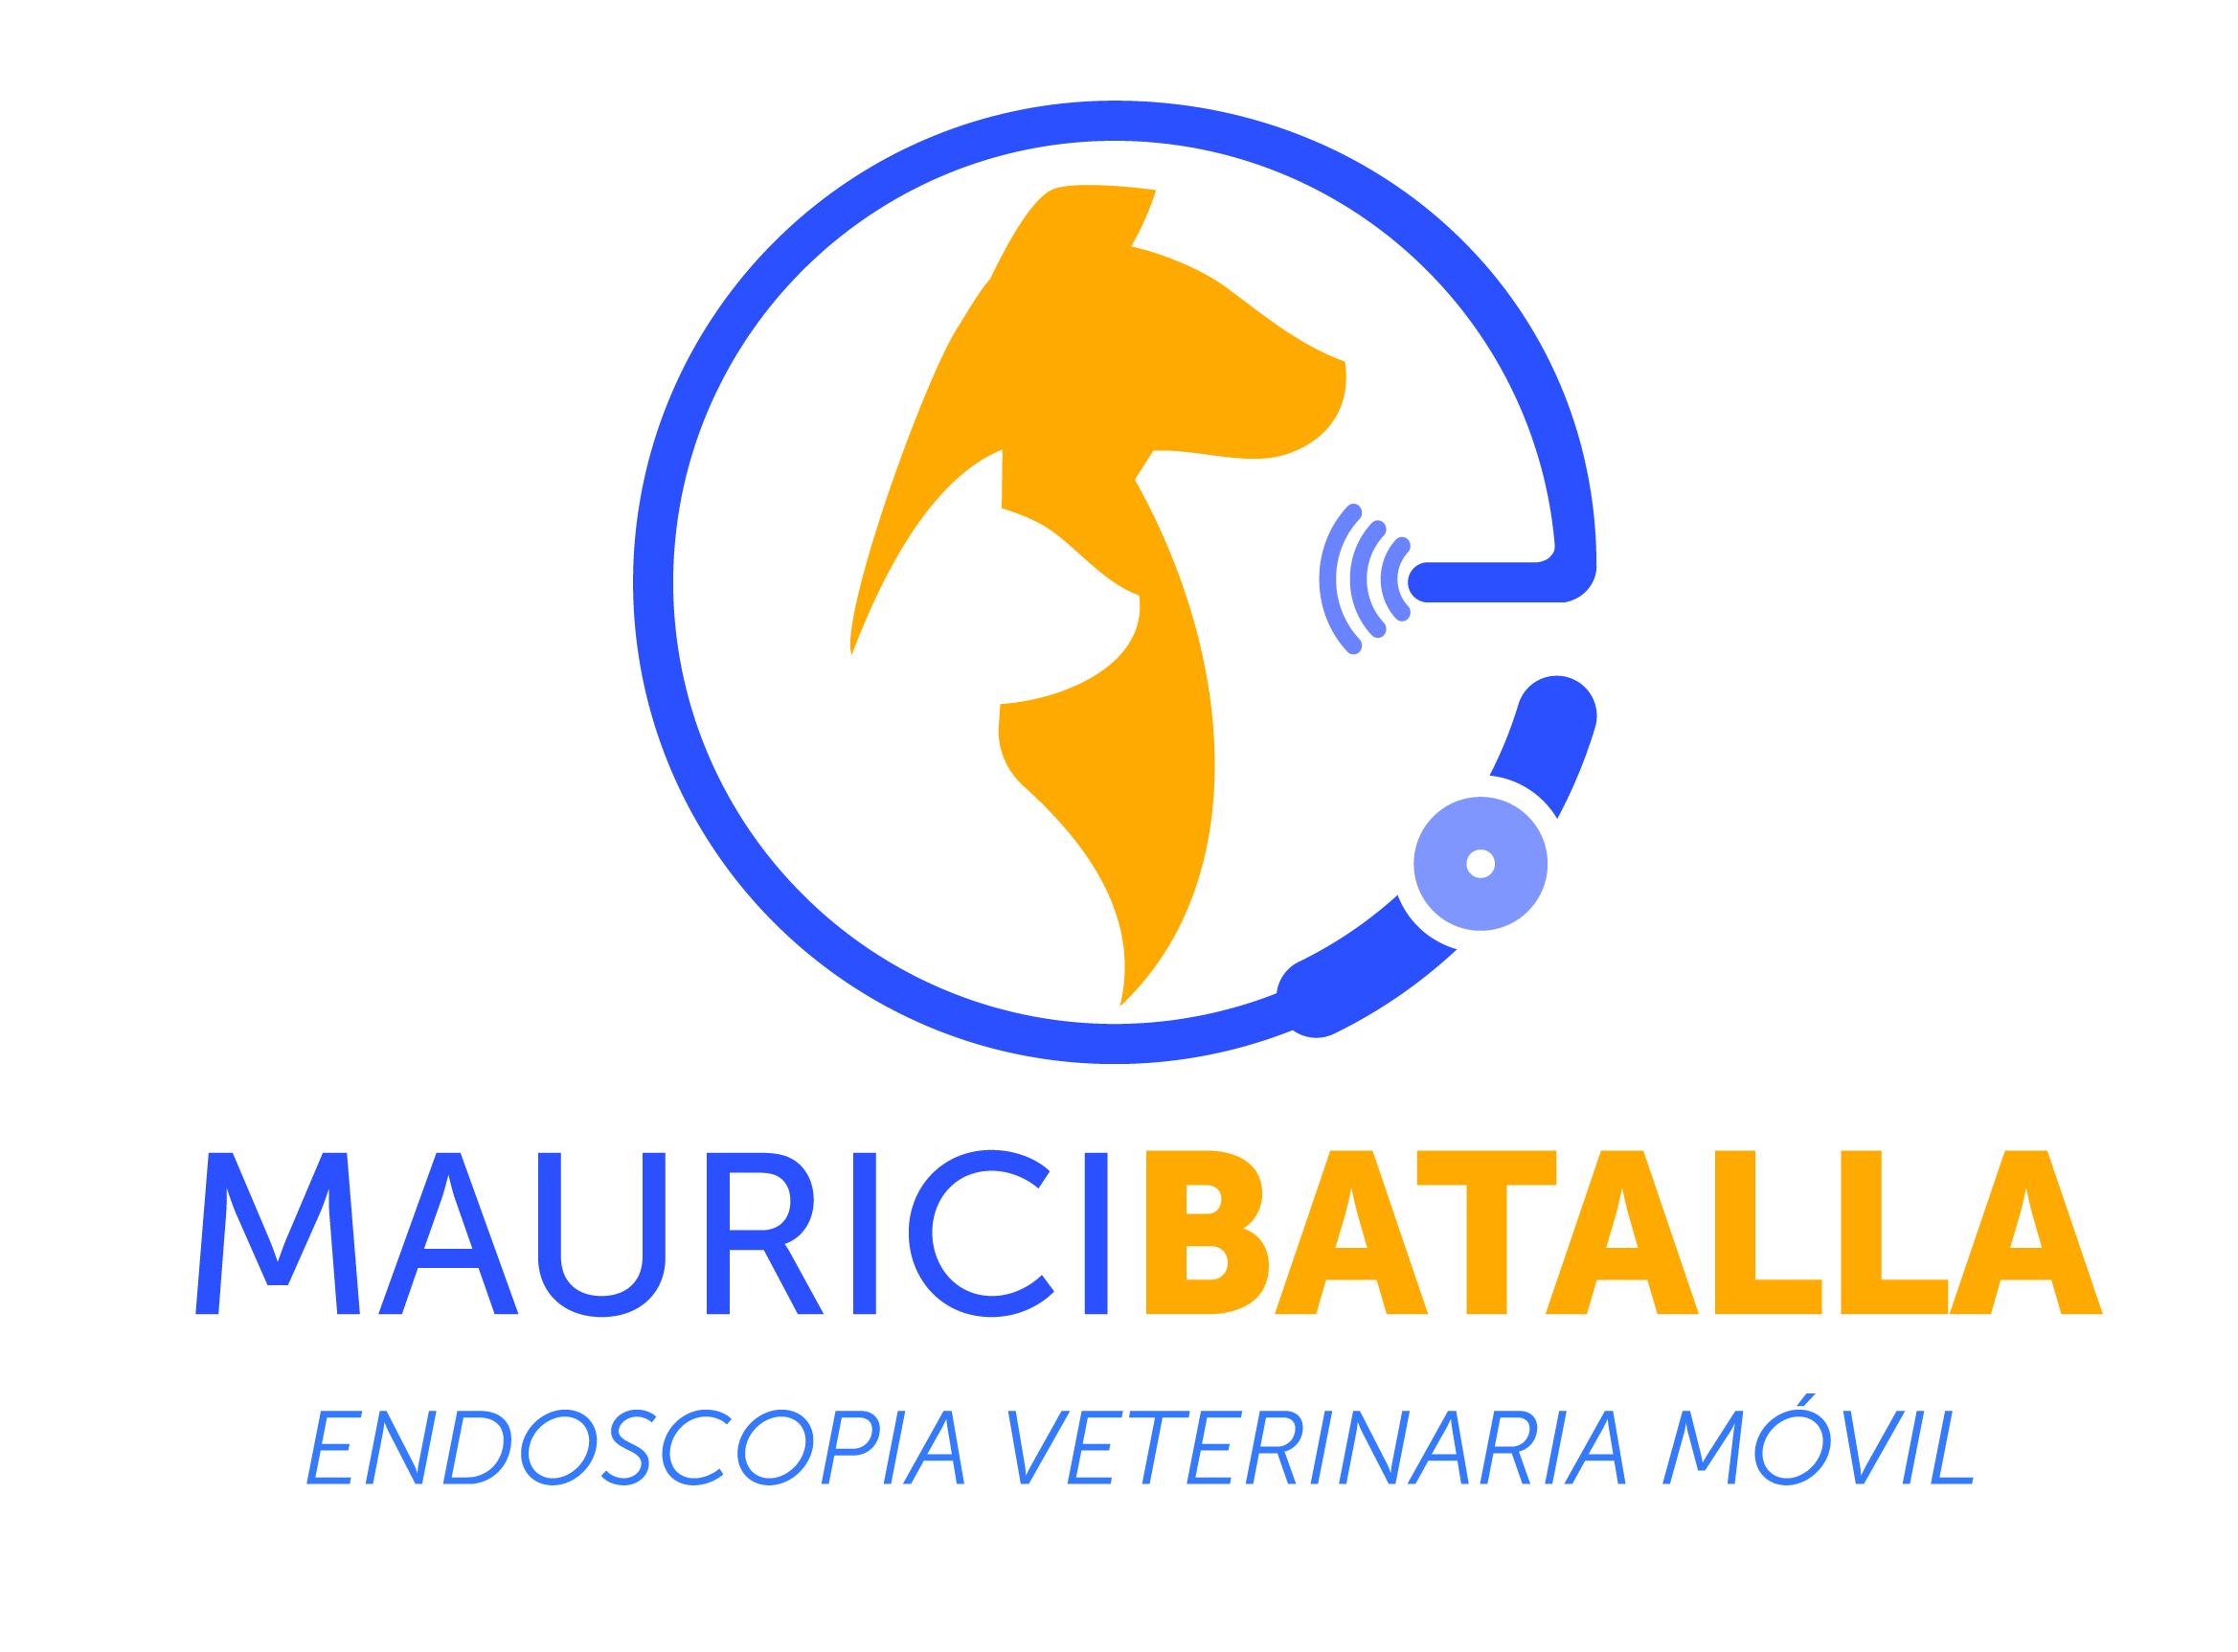 Cirugía endoscopia veterinaria móvil